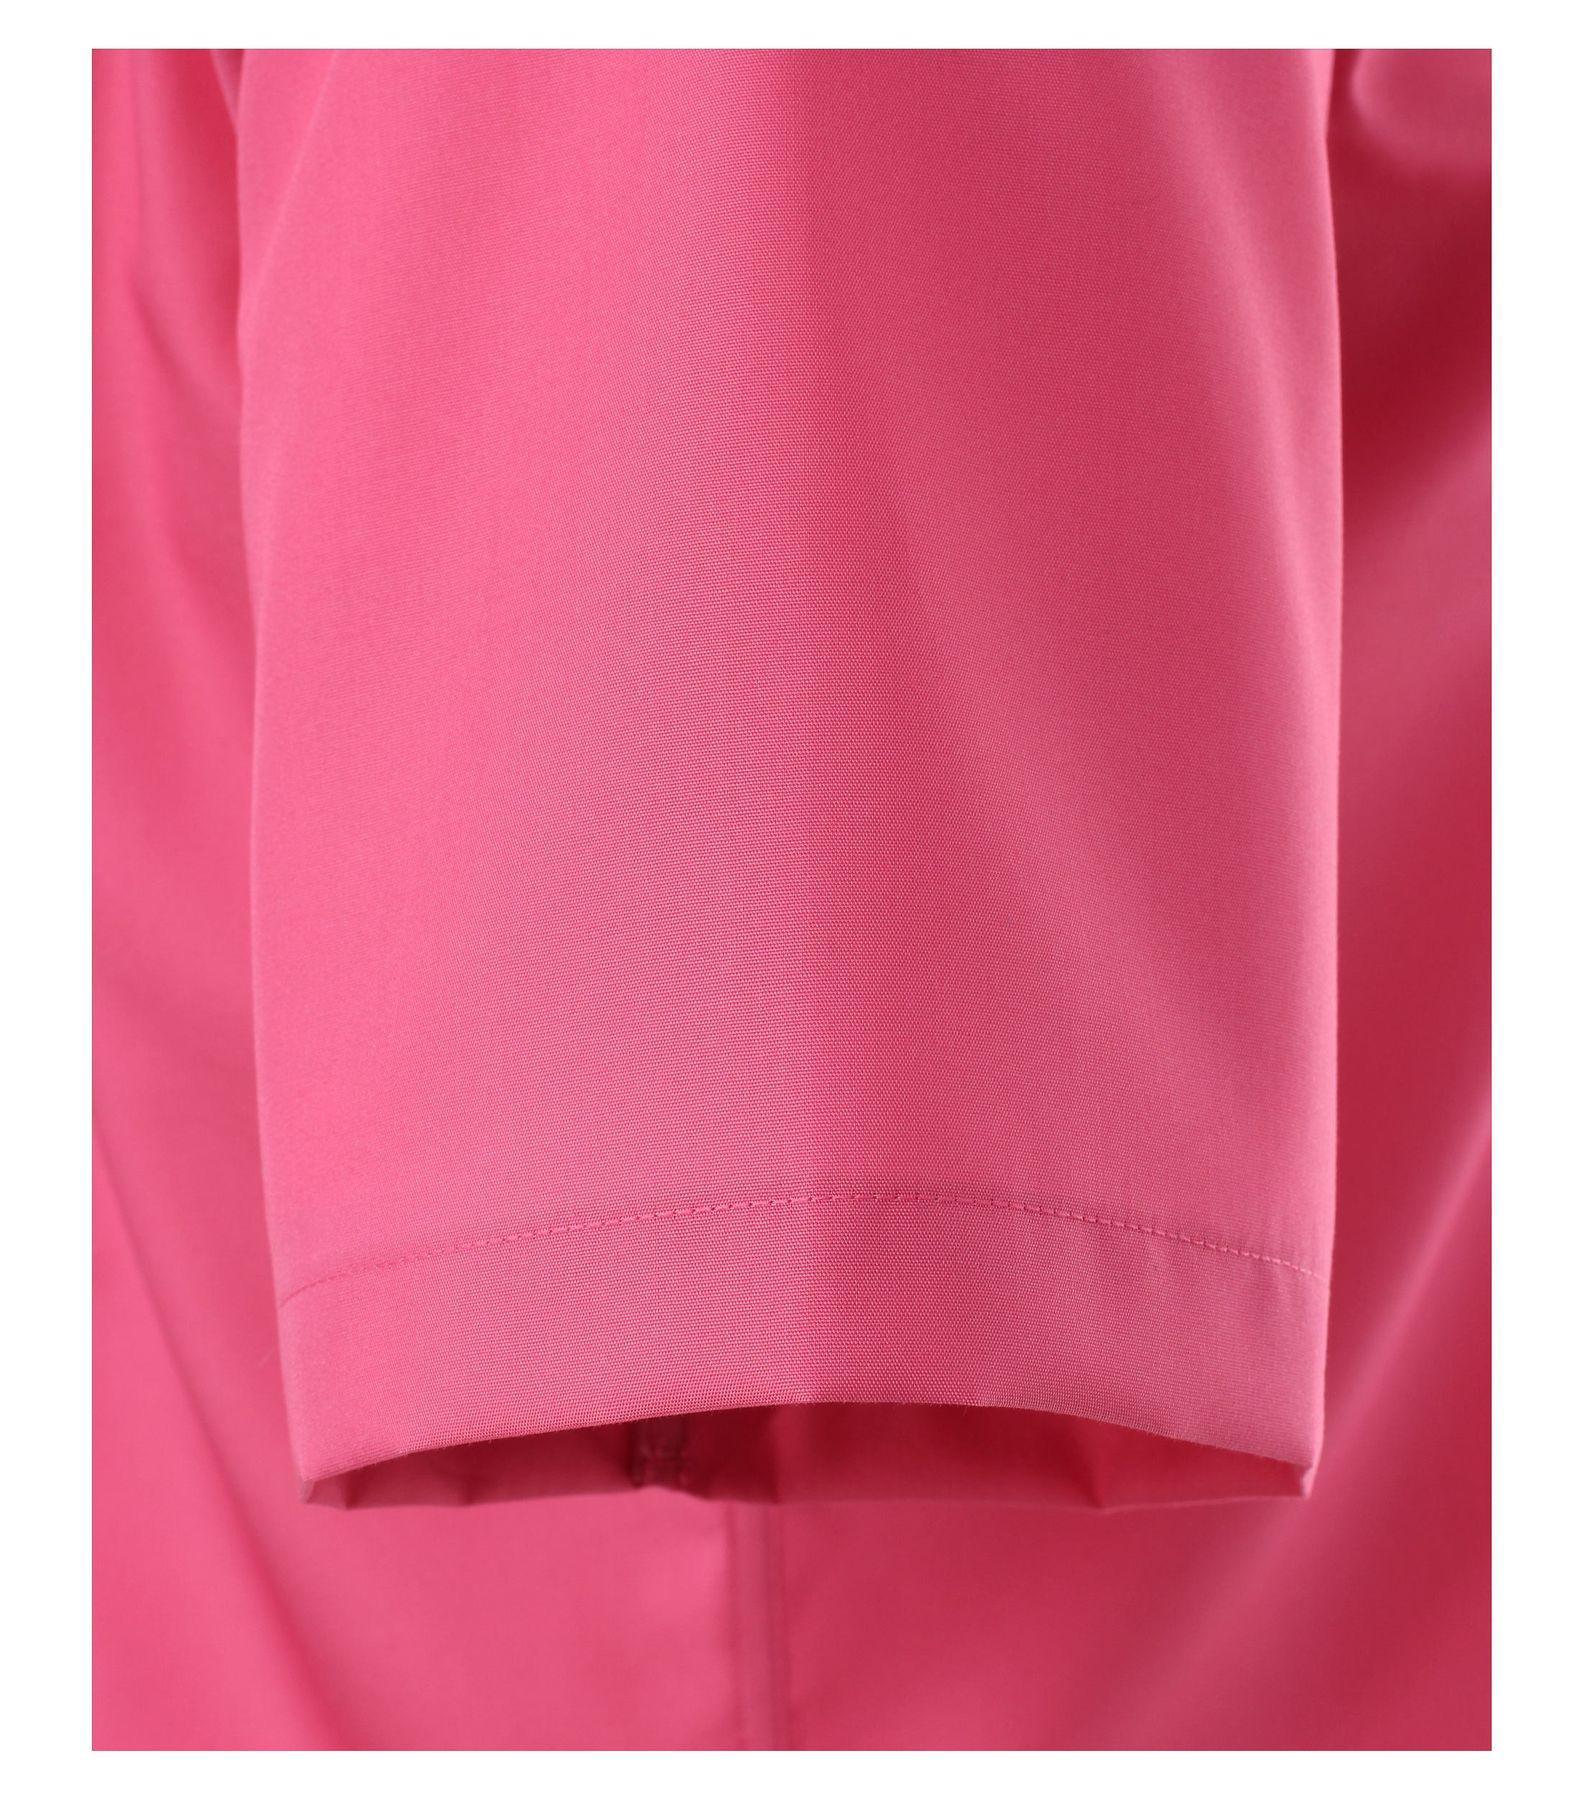 Venti - Slim Fit - Bügelfreies Herren Kurzarm Hemd in diversen Farben (001620 A) – Bild 23